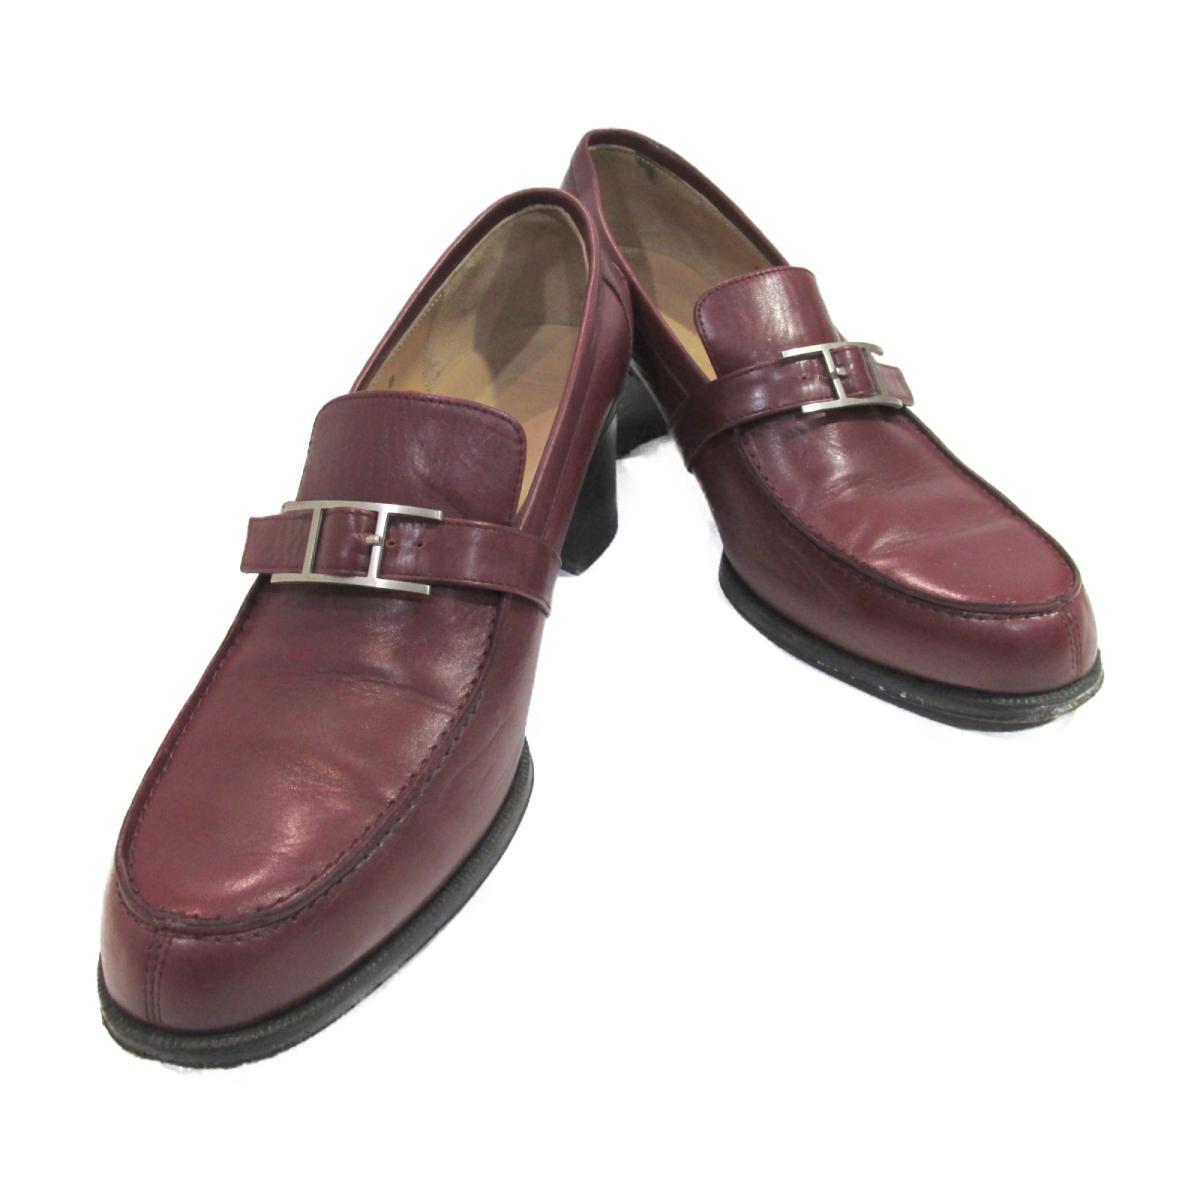 【中古】 エルメス 革靴 レディース レザー ボルドー   HERMES BRANDOFF ブランドオフ ブランド 靴 シューズ クツ ローファー